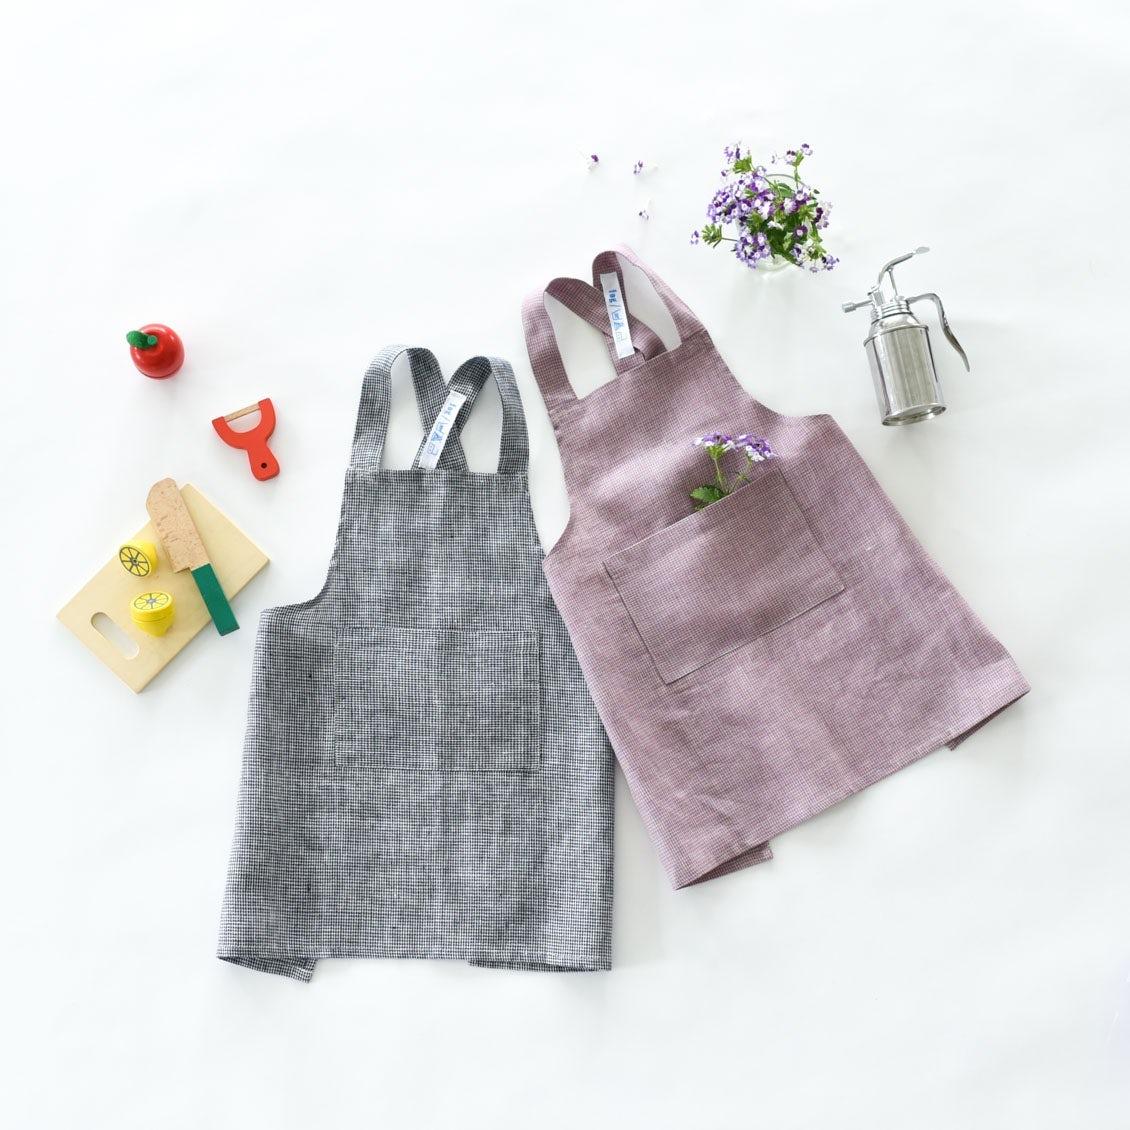 【新商品】当店別注!fog linen workの愛らしいキッズエプロンが登場です!